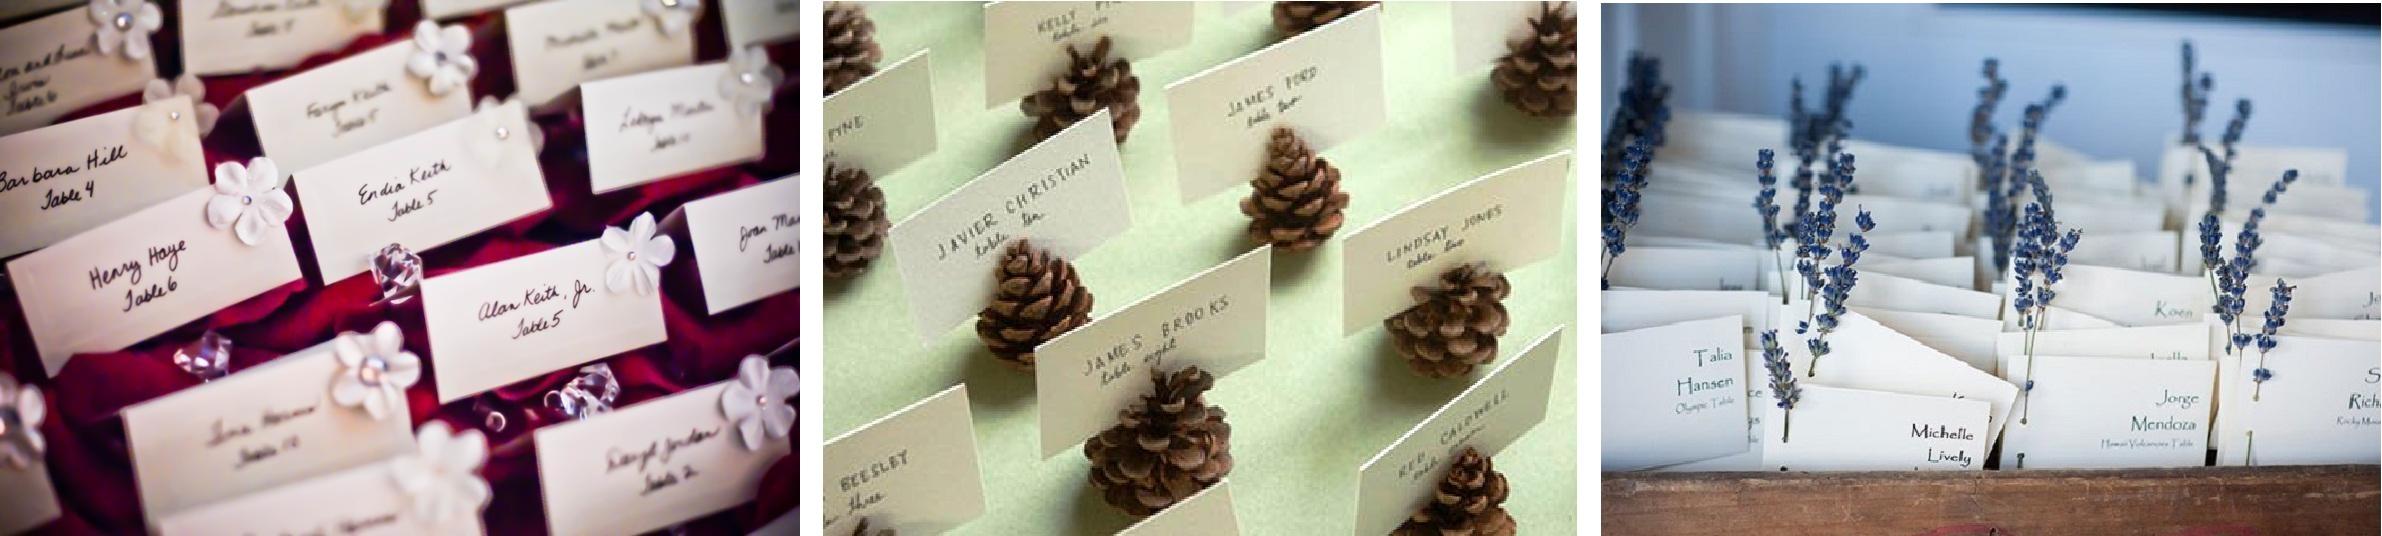 Делаем карточки для рассадки гостей на свадьбе 53